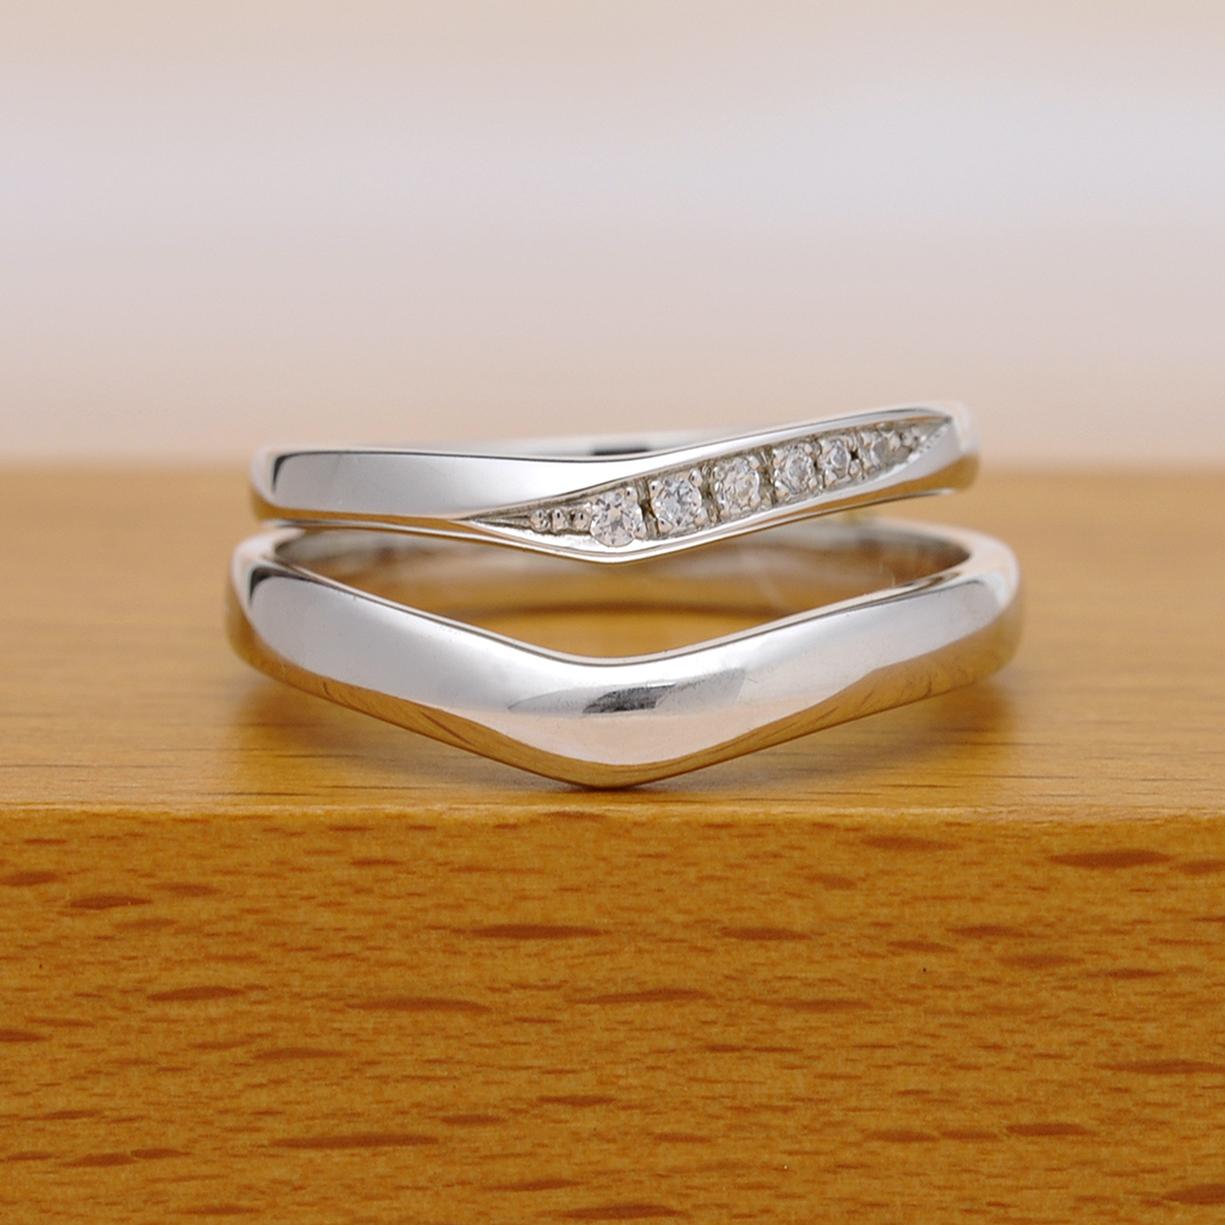 結婚指輪ペア  Pt  レディースはH&Cカットのダイヤで作った引っ掛かりの少ない精巧な作りの高級な指輪, MpNJ15LhM